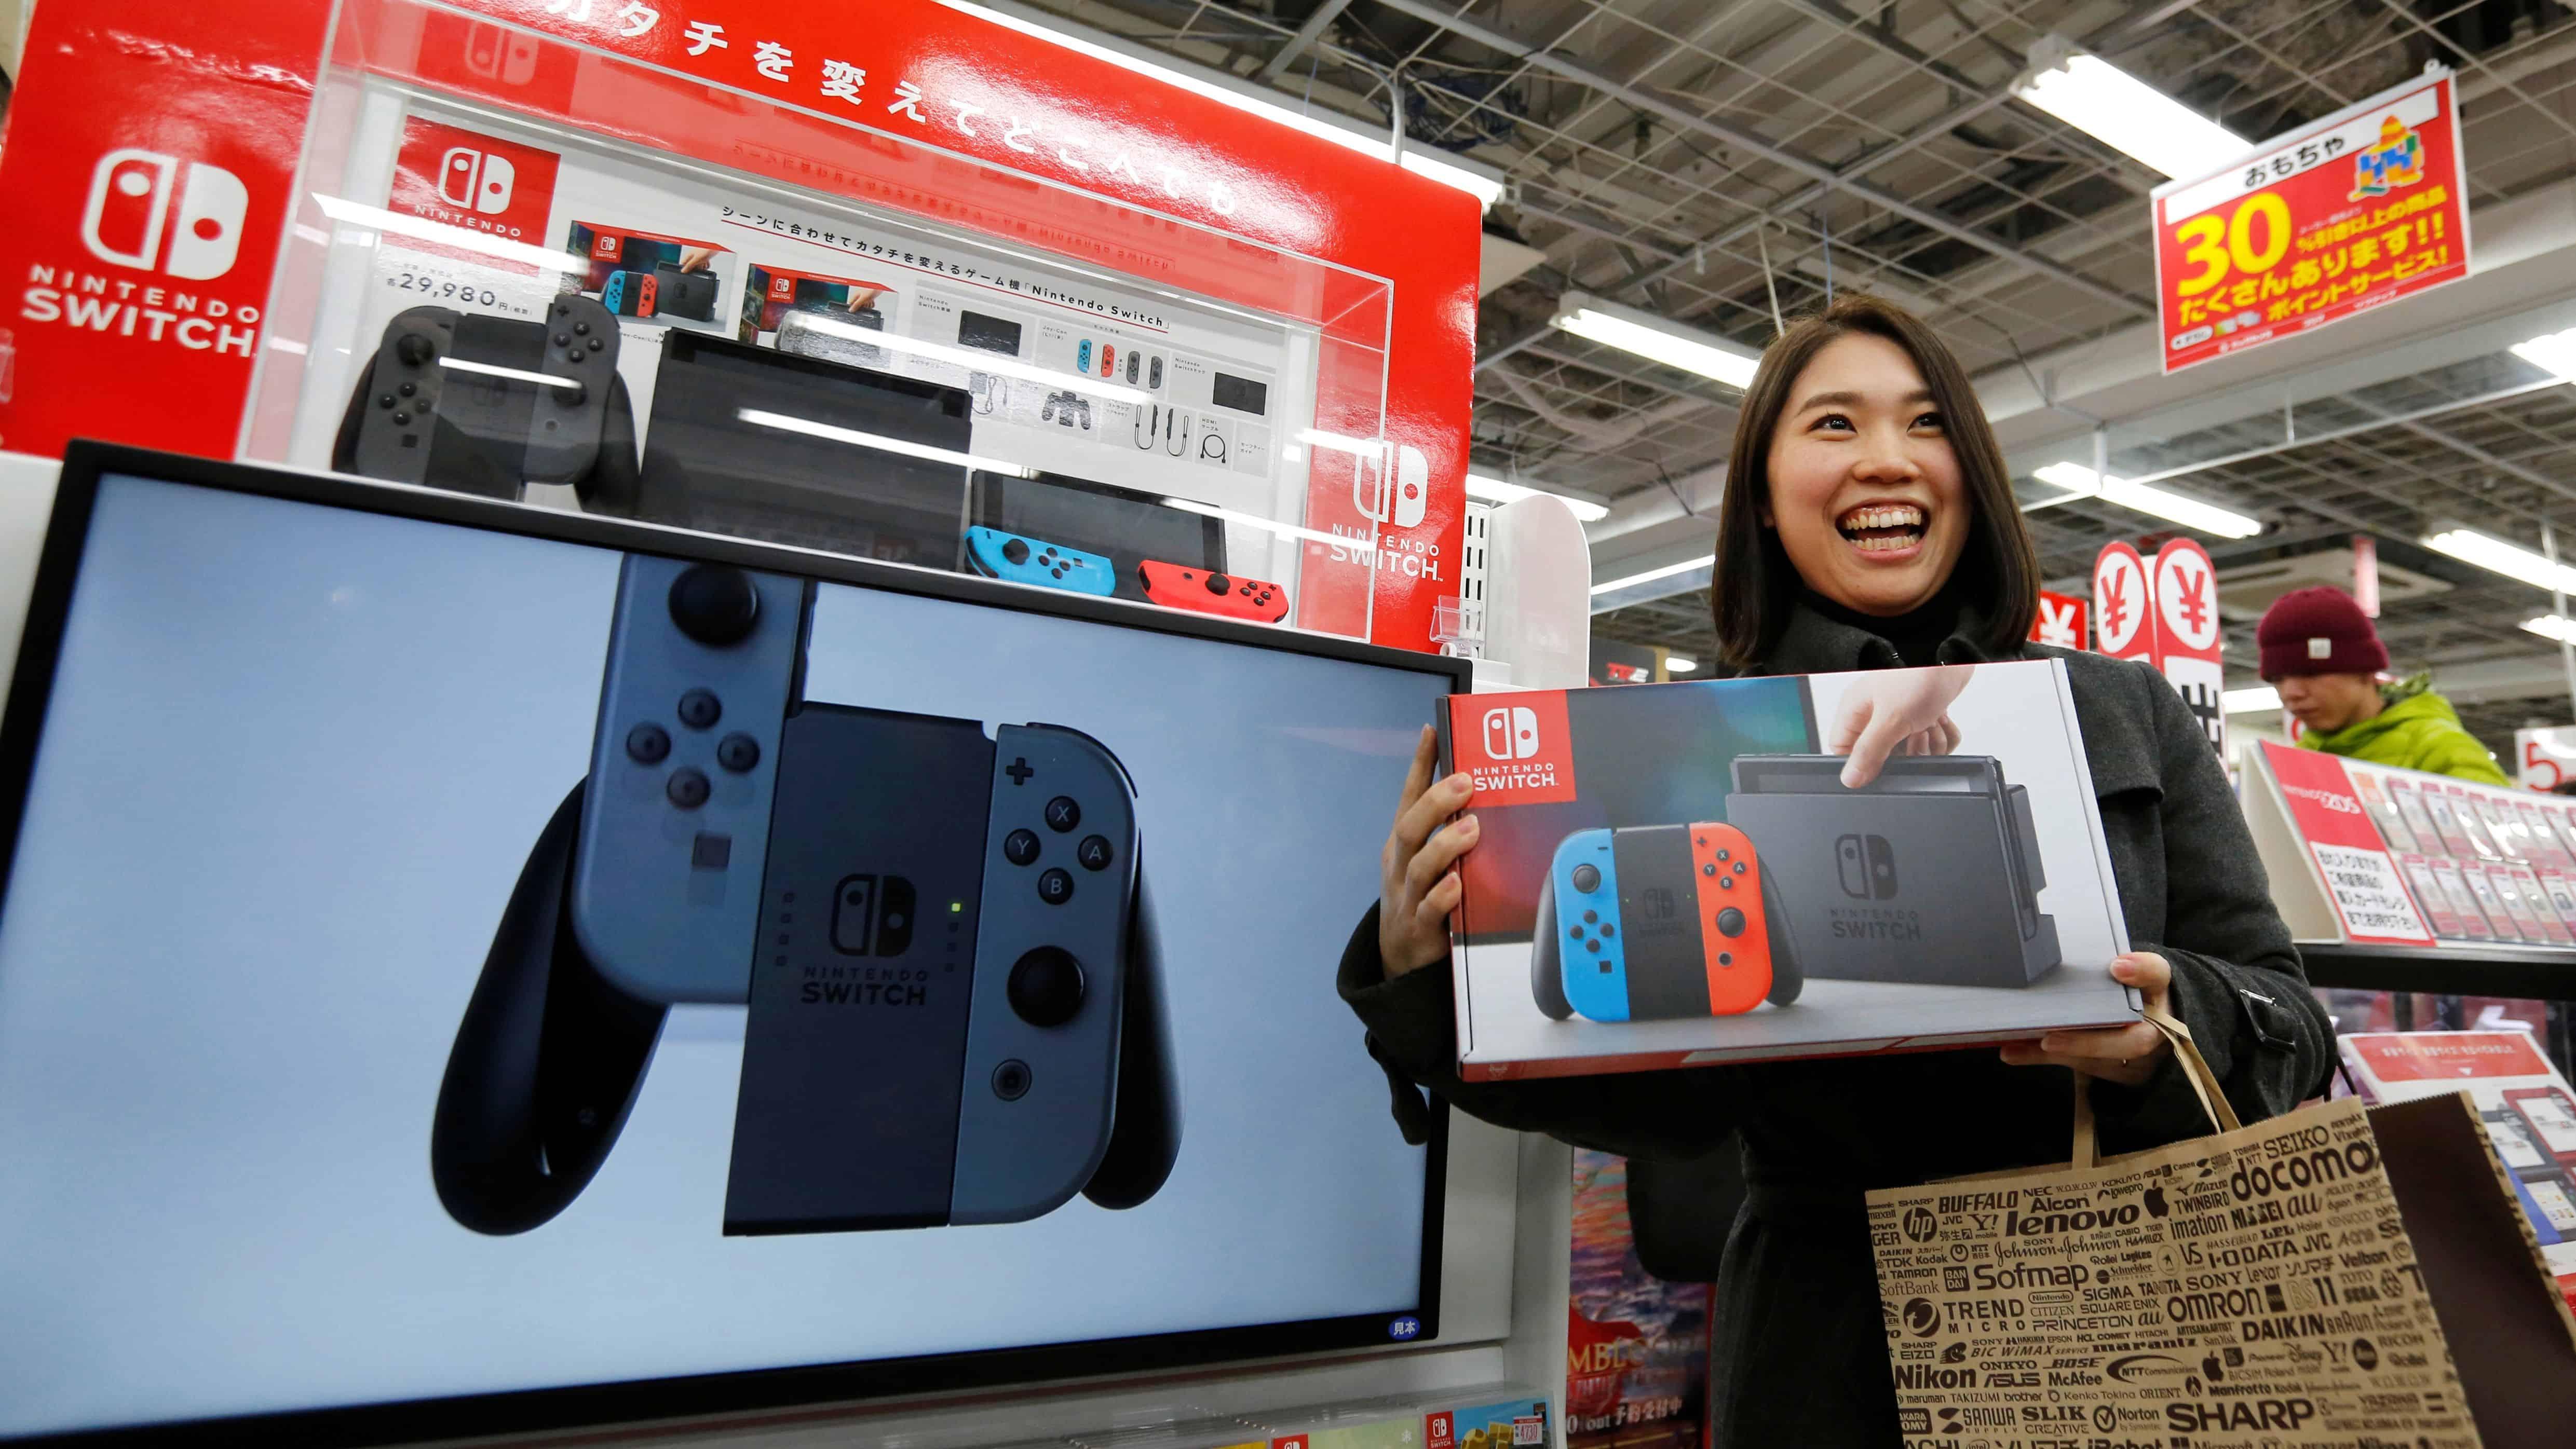 Pareri non richiesti su Nintendo Switch - Editoriale